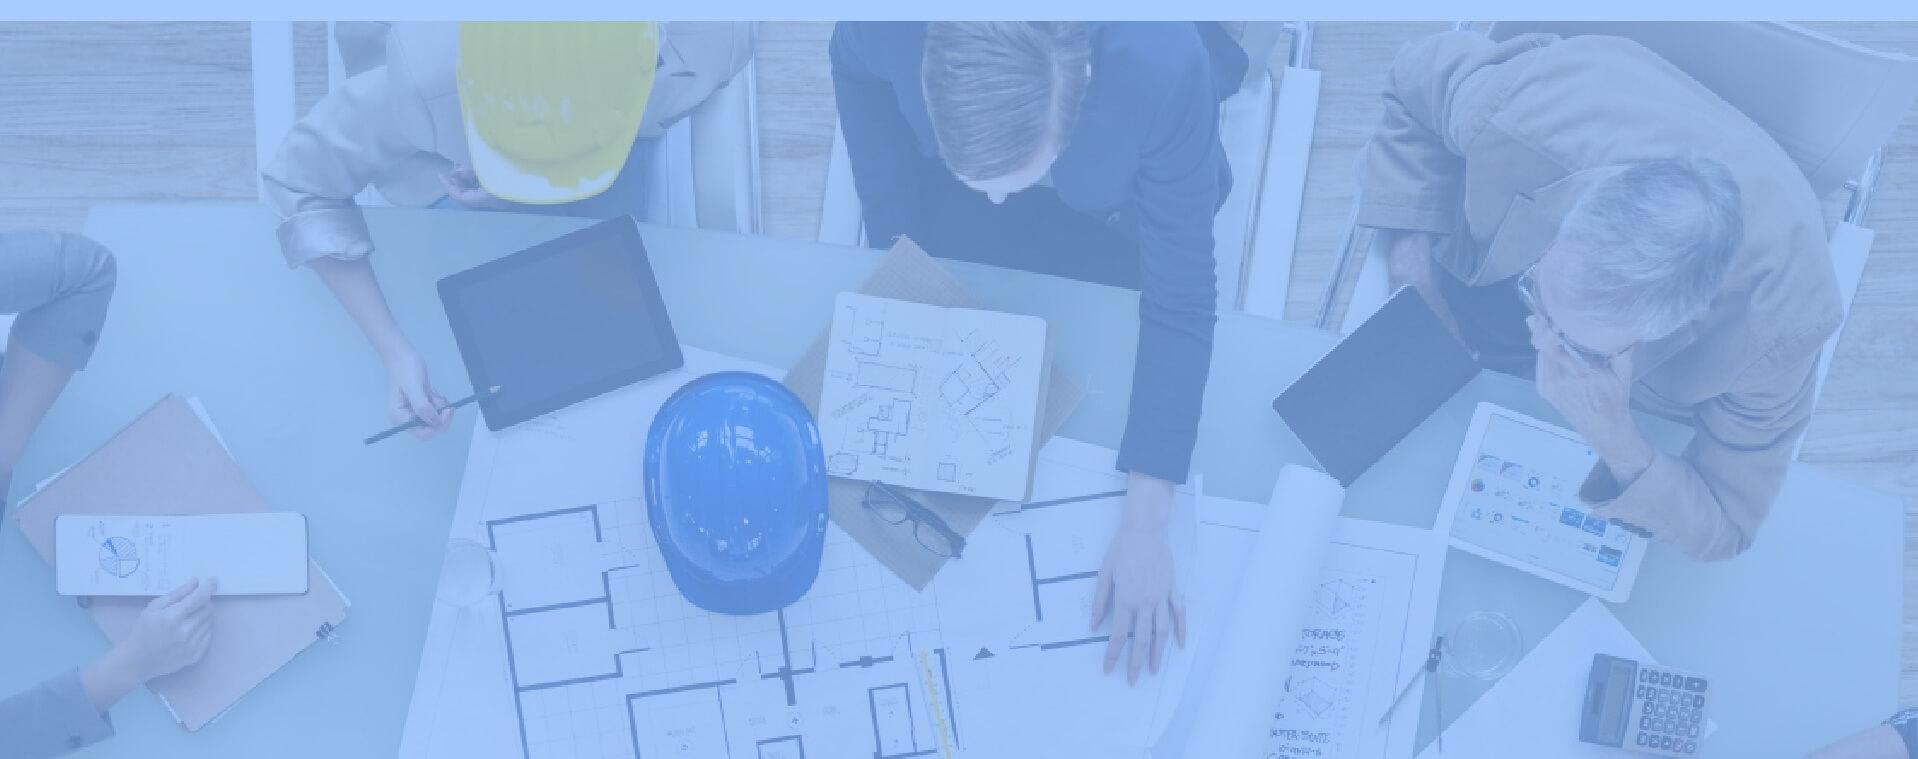 proect sliding 5 46 Проектирование многоквартирных жилых домов, детских садов, школ, ФОК.